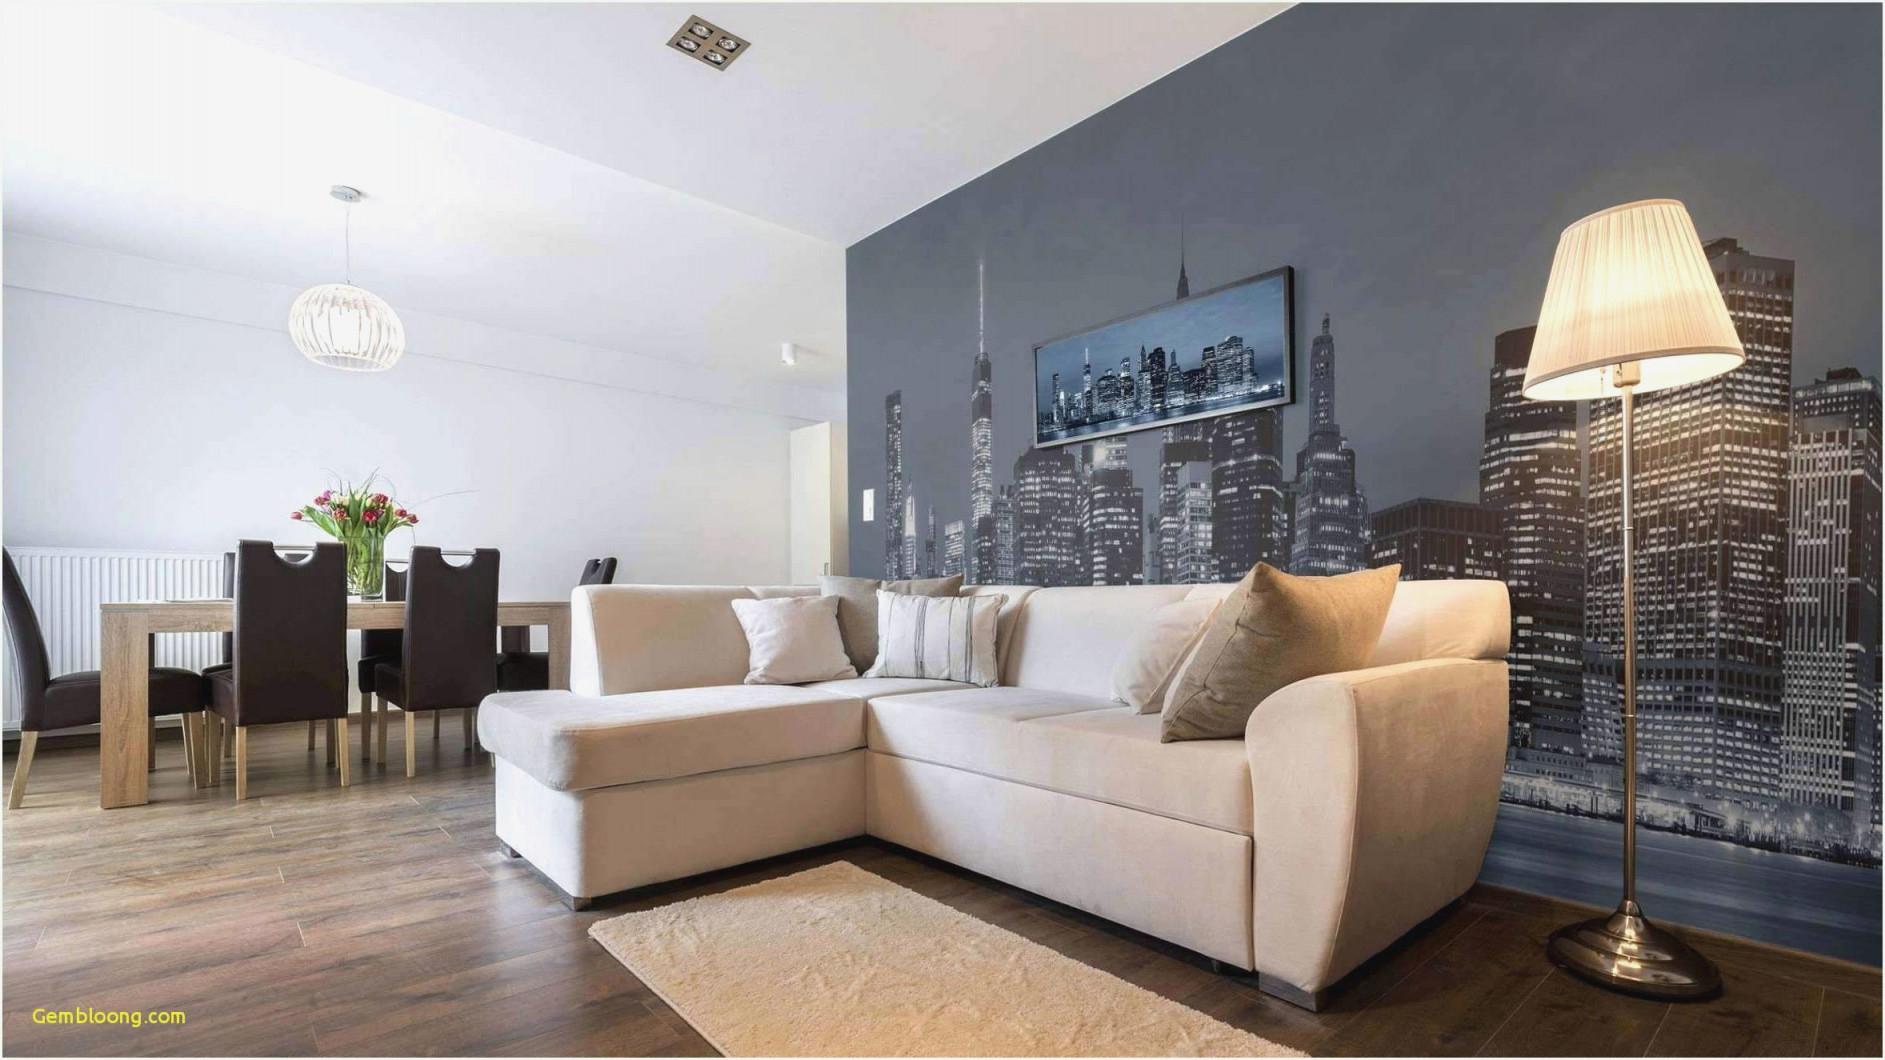 Wohnzimmer Ideen Beige Blau  Wohnzimmer  Traumhaus von Wohnzimmer Ideen Blau Bild